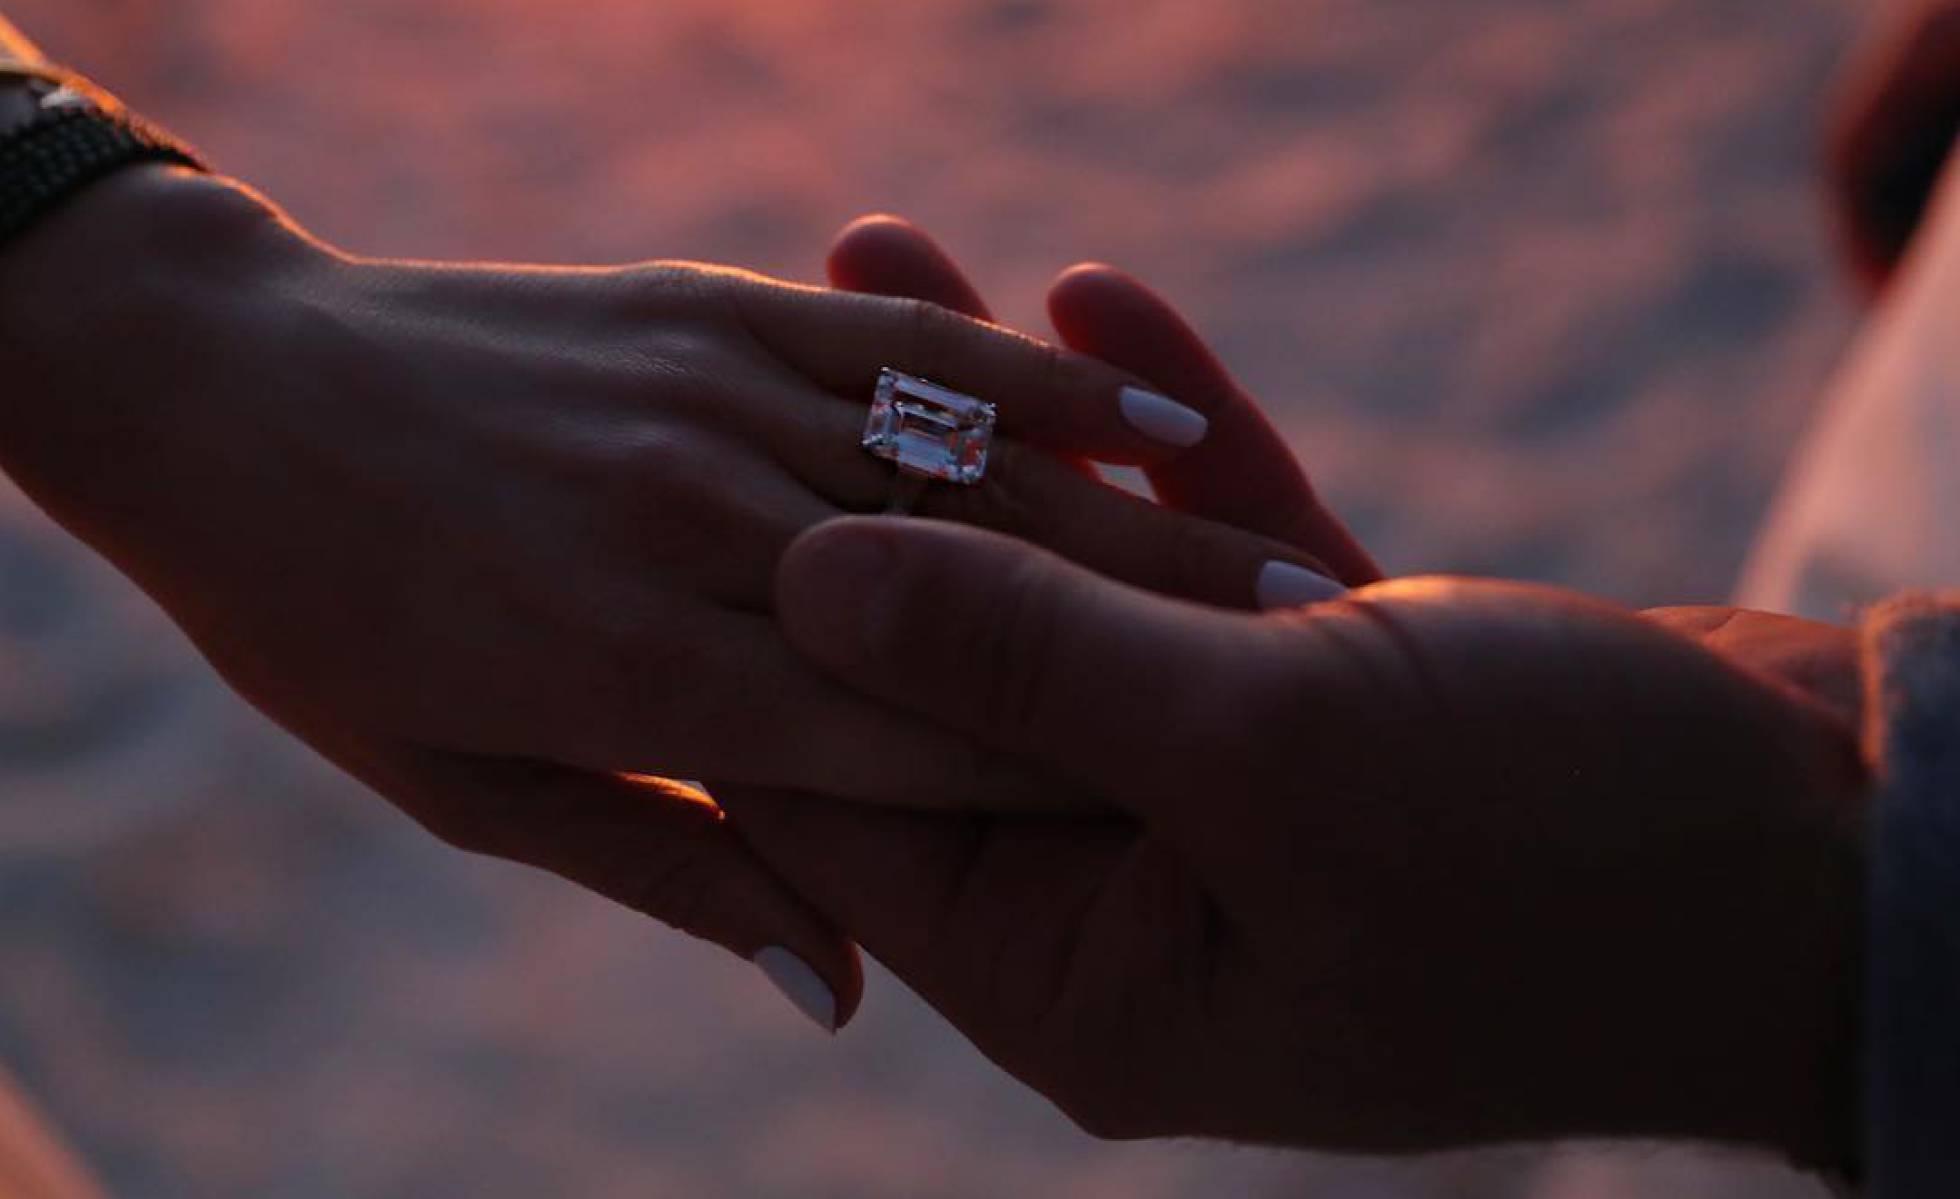 Esta es la imagen con la que la pareja anunció su matrimonio.